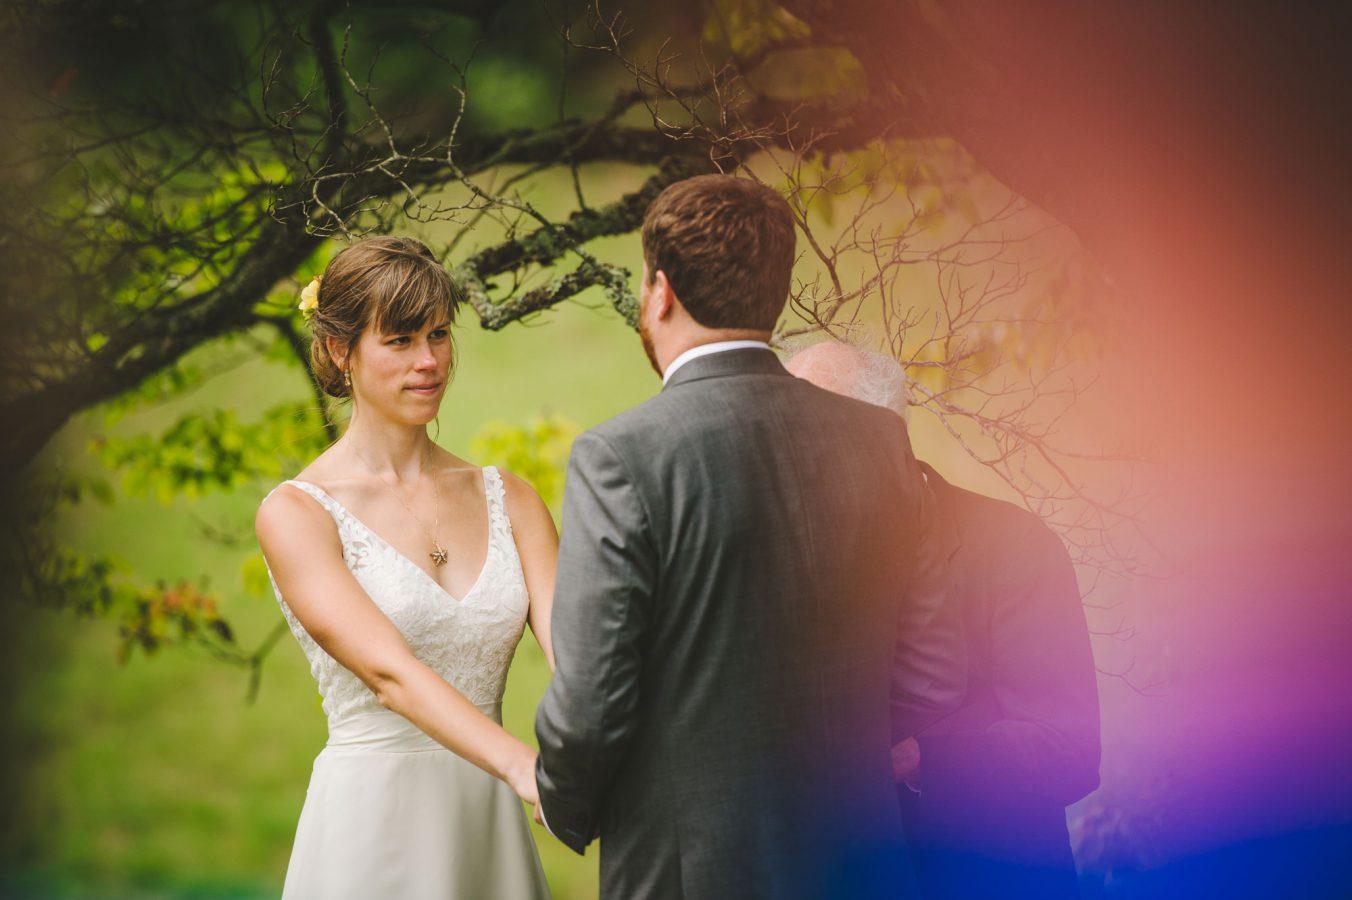 wedding-photography-2016-14